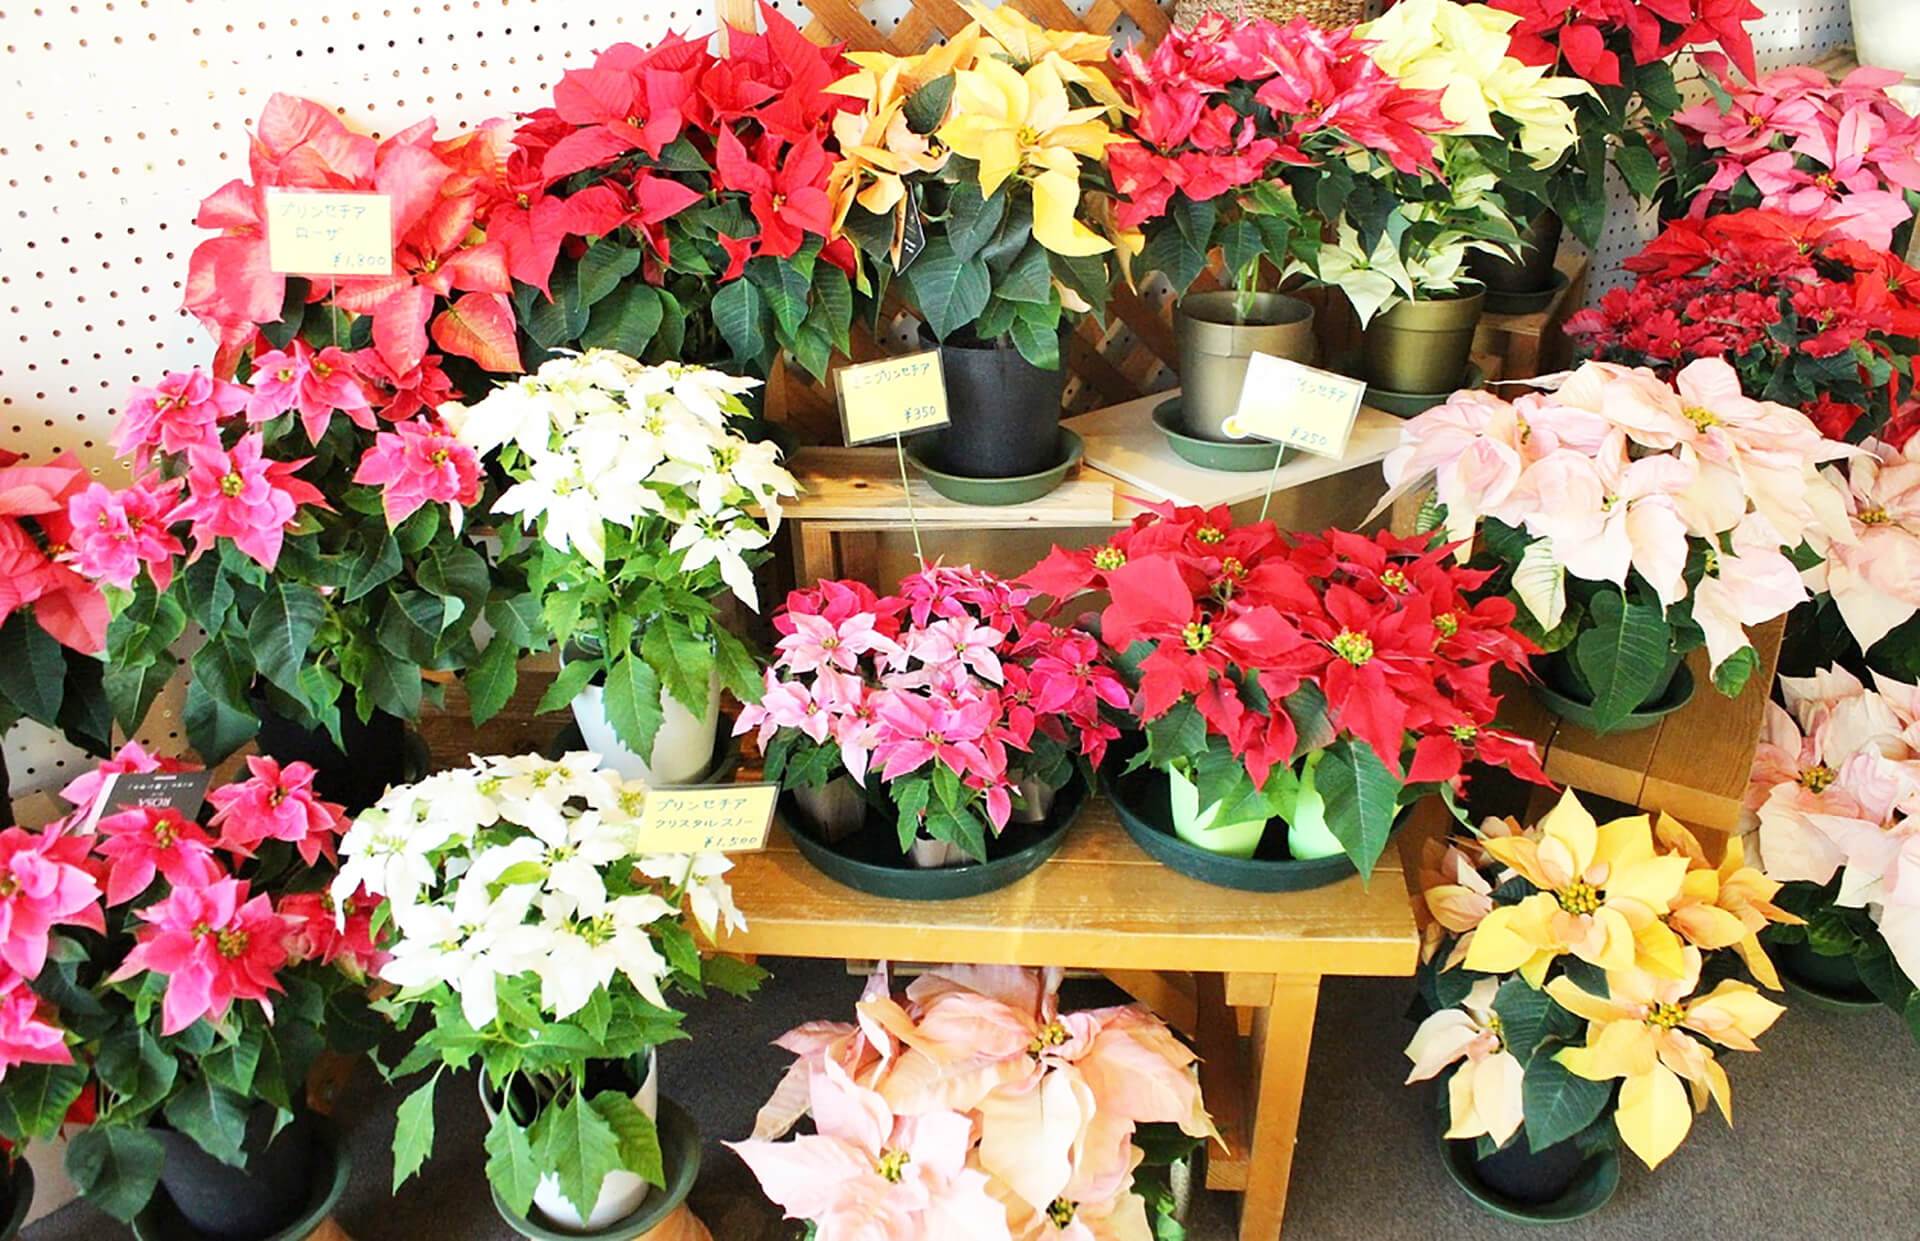 板橋区立熱帯環境植物館クリスマス・フラワーガーデン